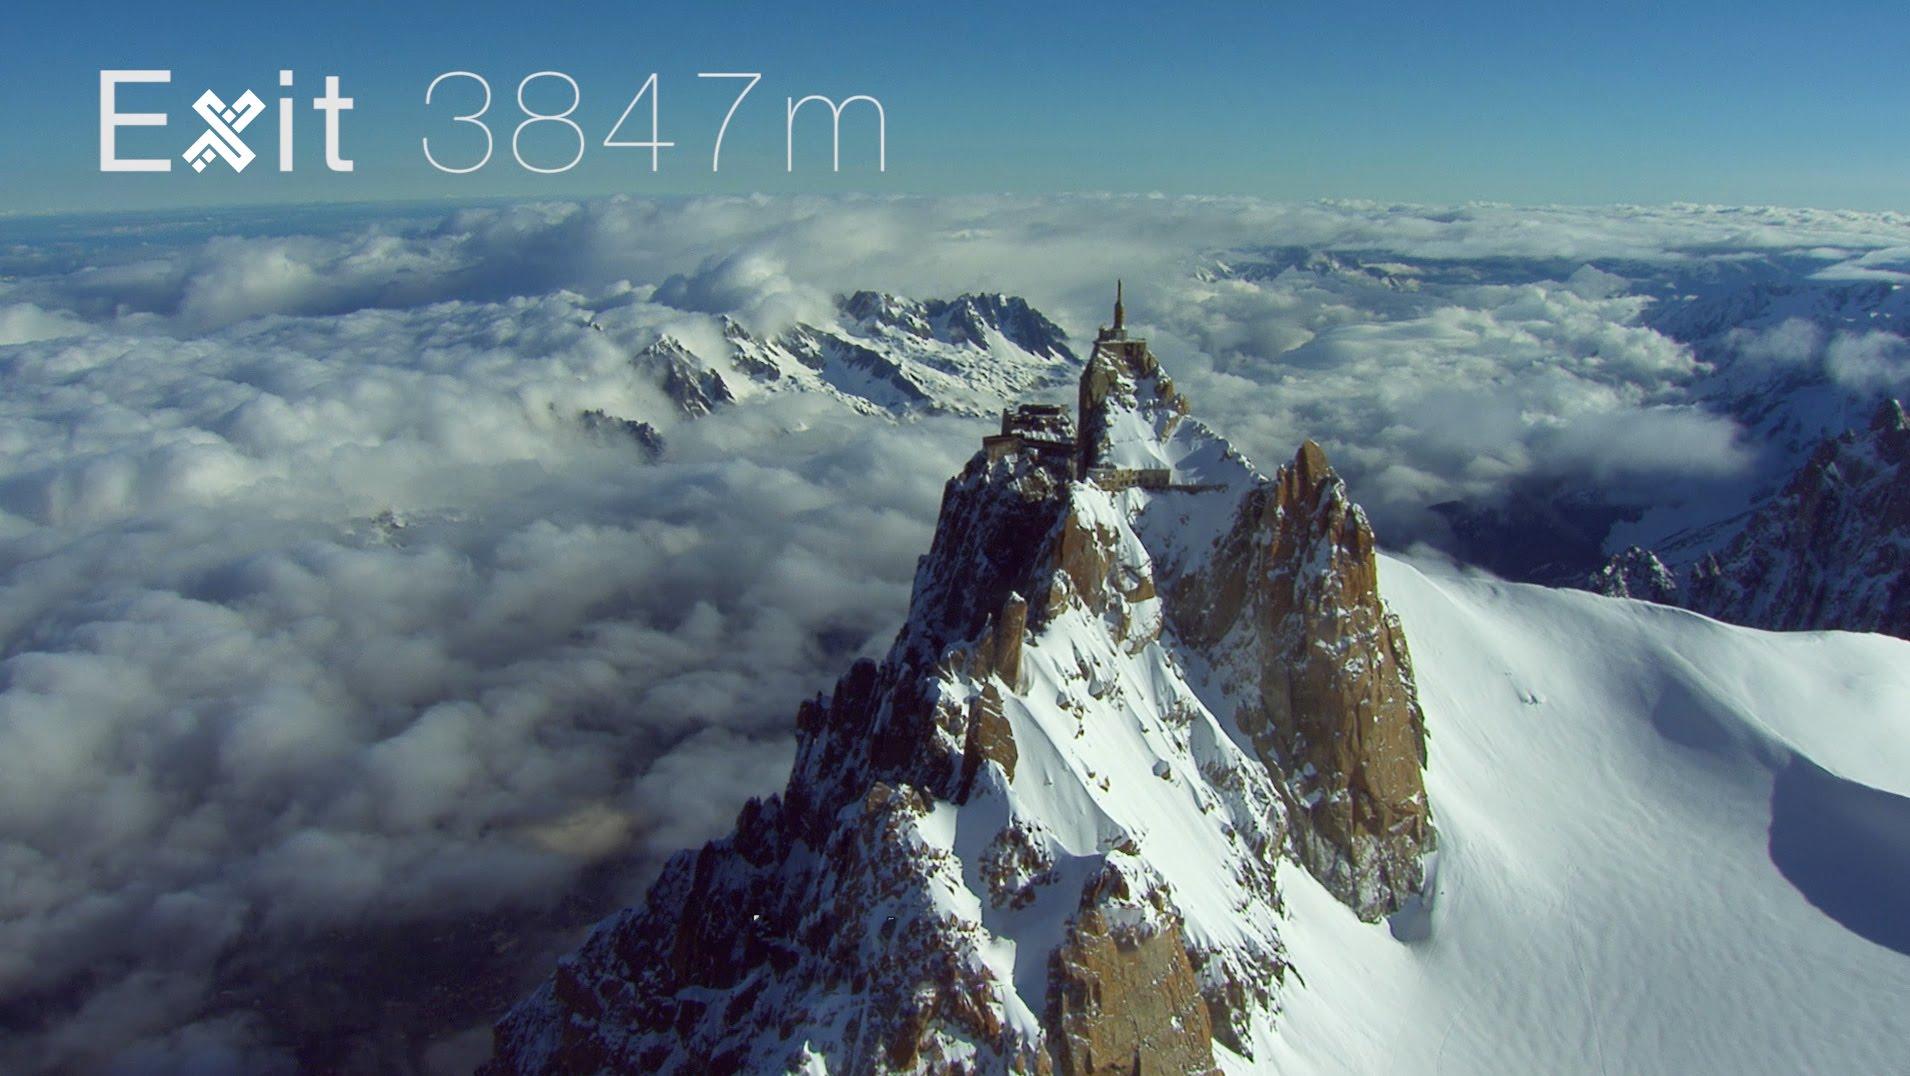 Wingsuit video